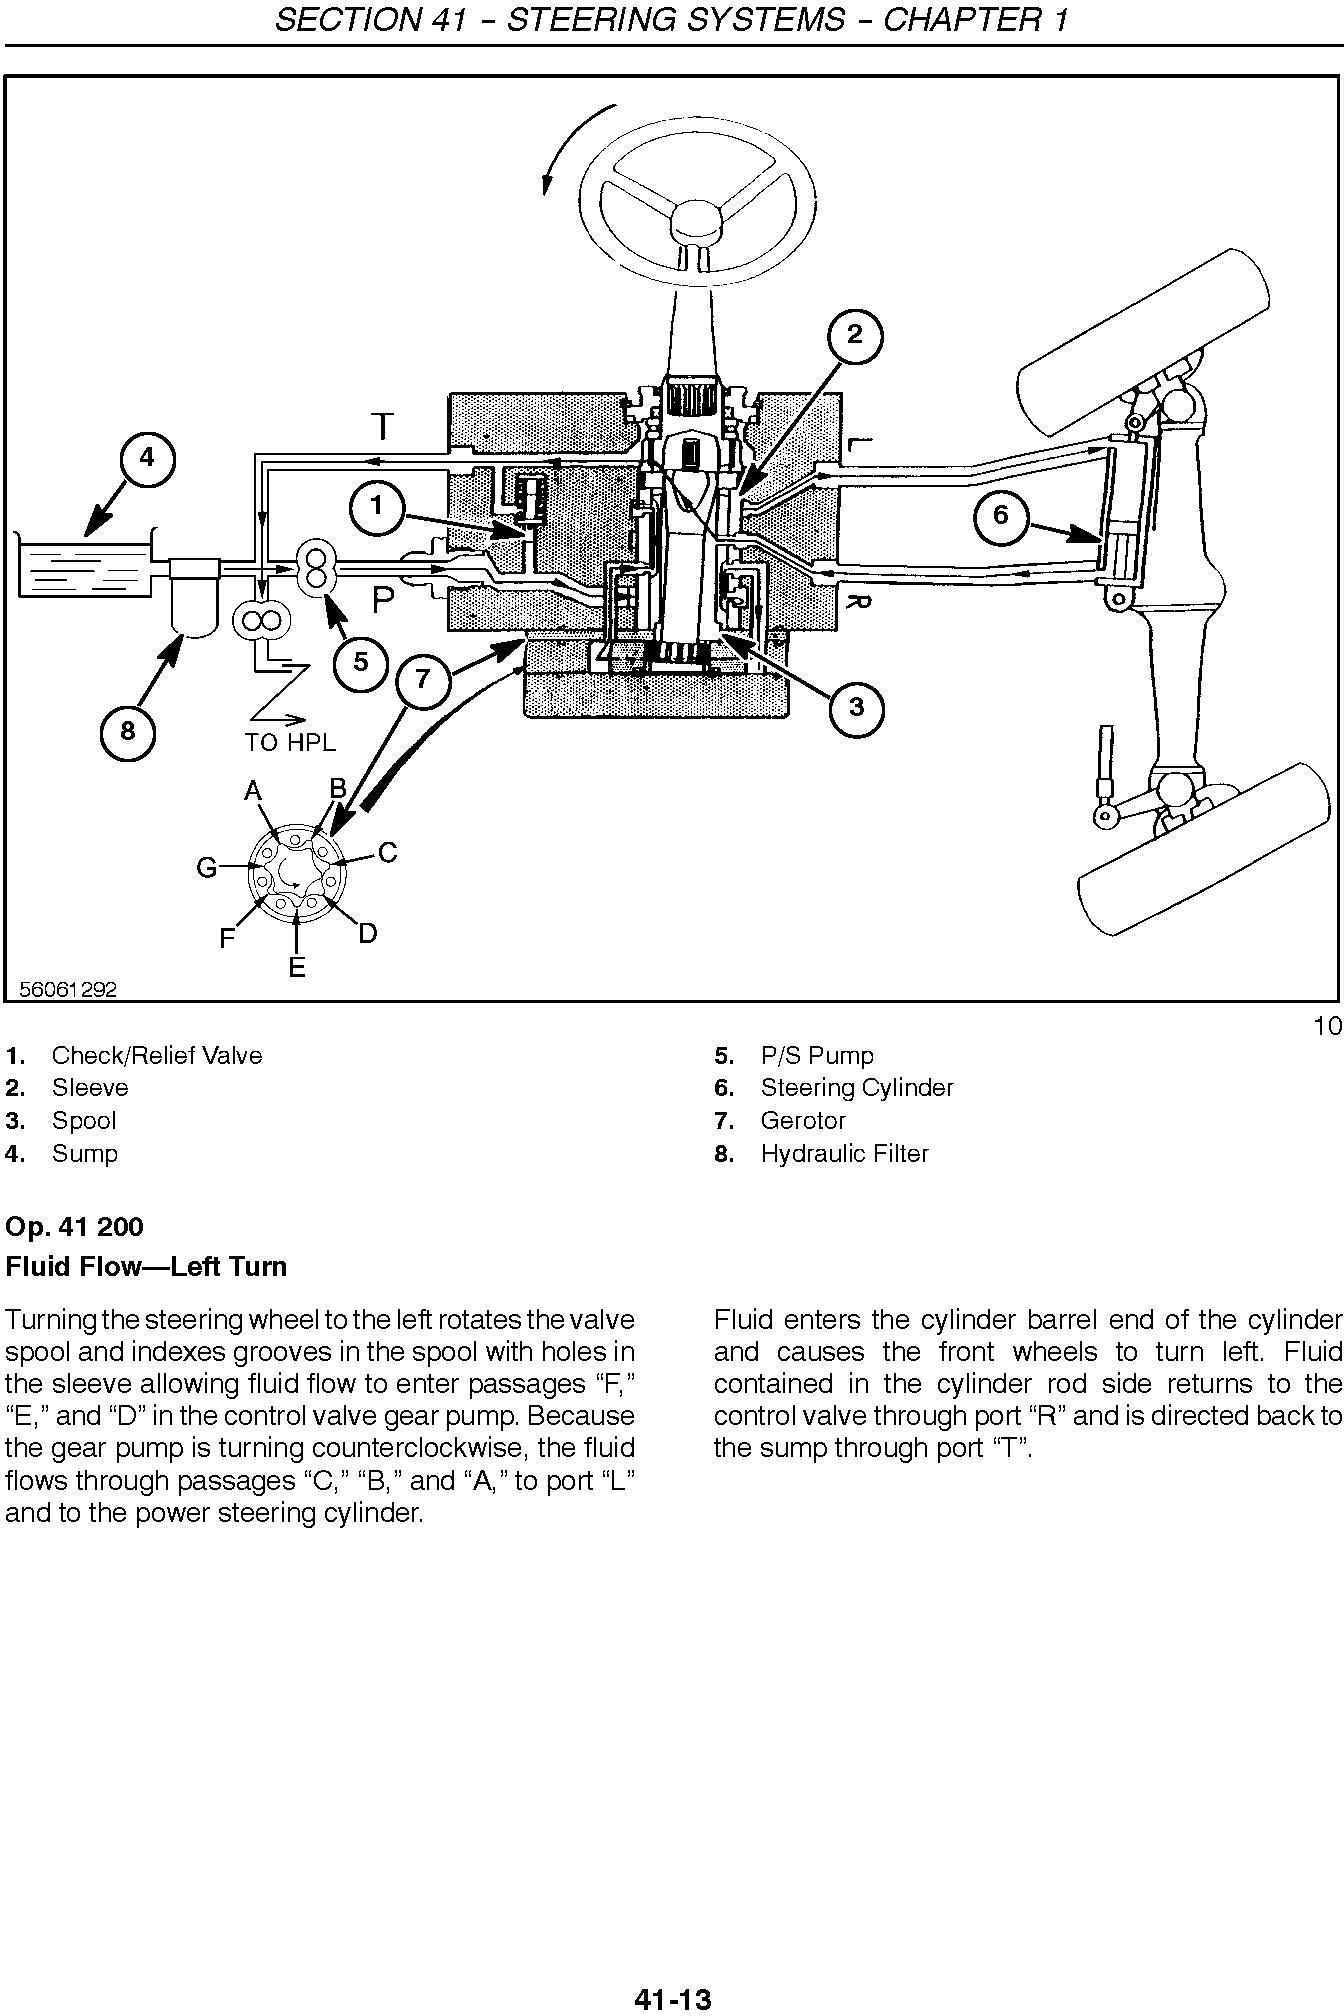 New Holland TC31DA, TC34DA Compact Tractor Complete Service Manual - 3